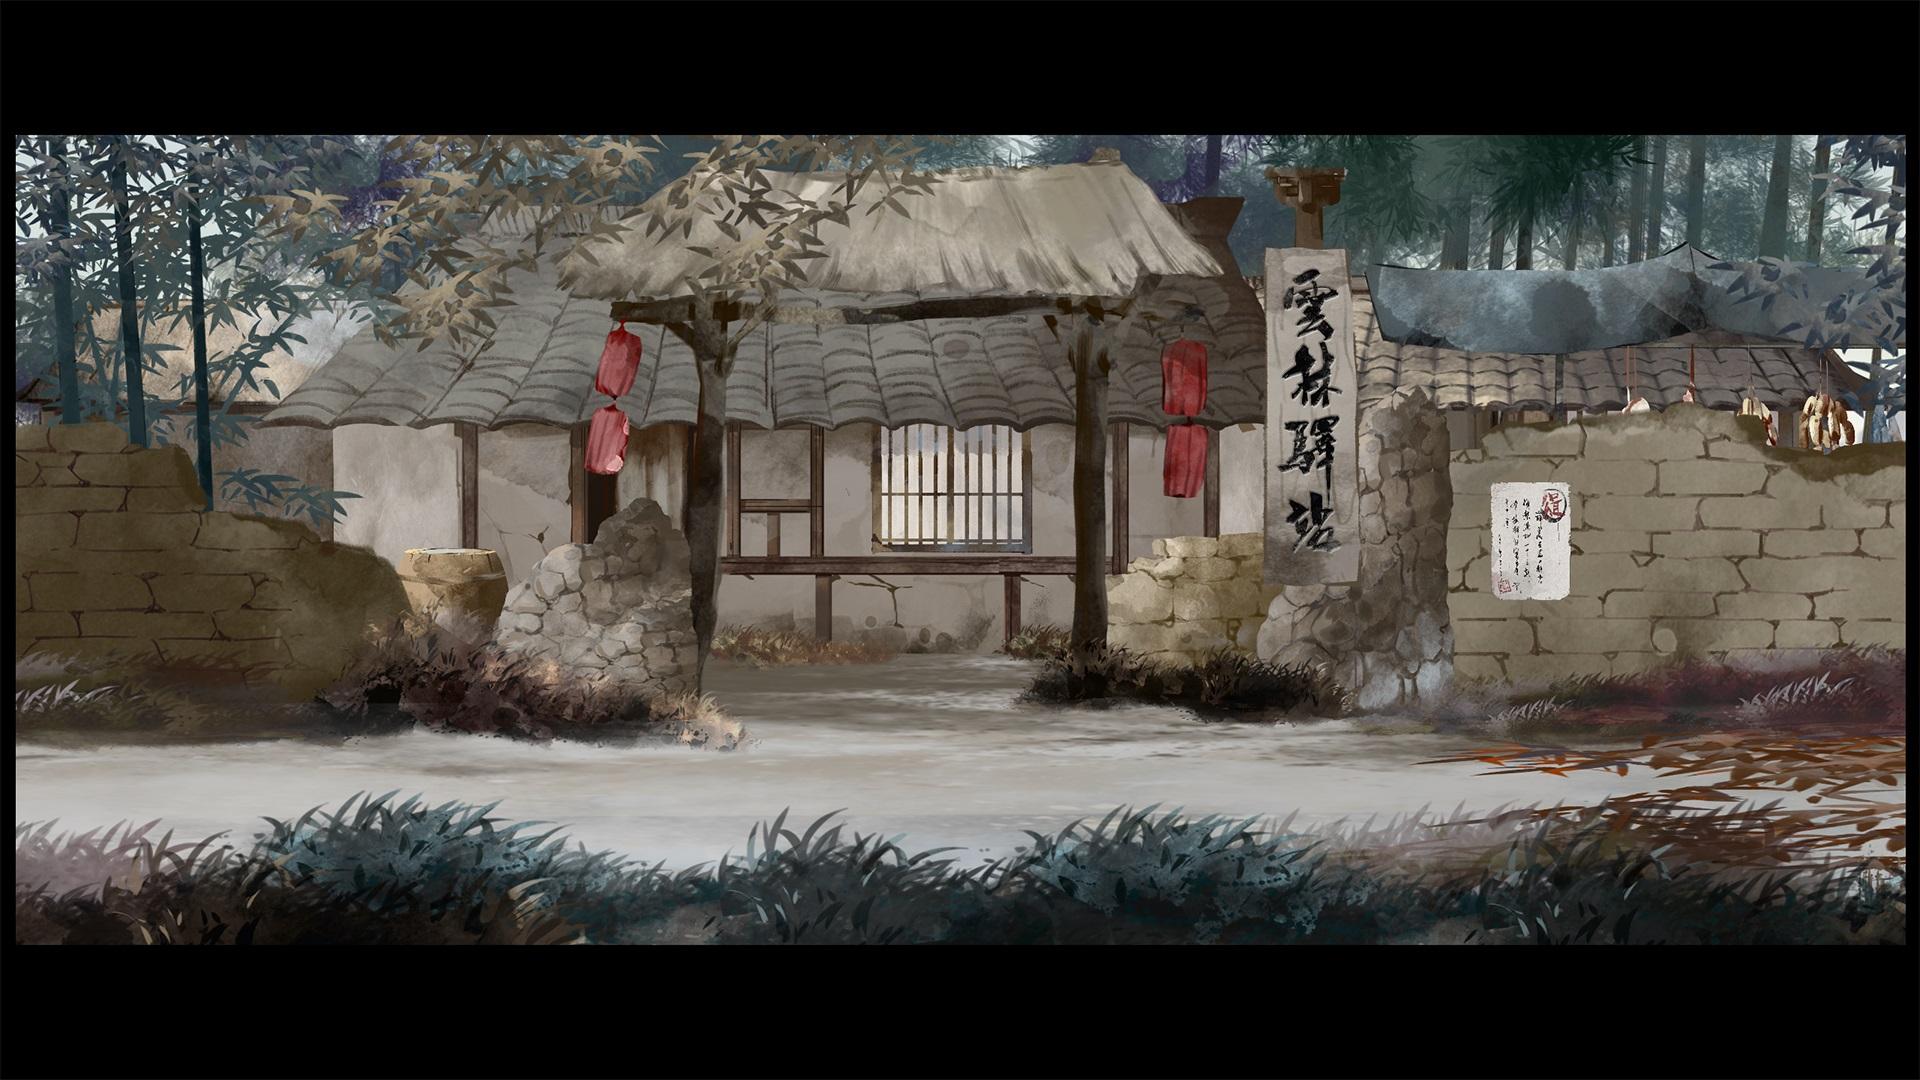 抗倭武侠动作游戏《听风者也》试玩版现已发布